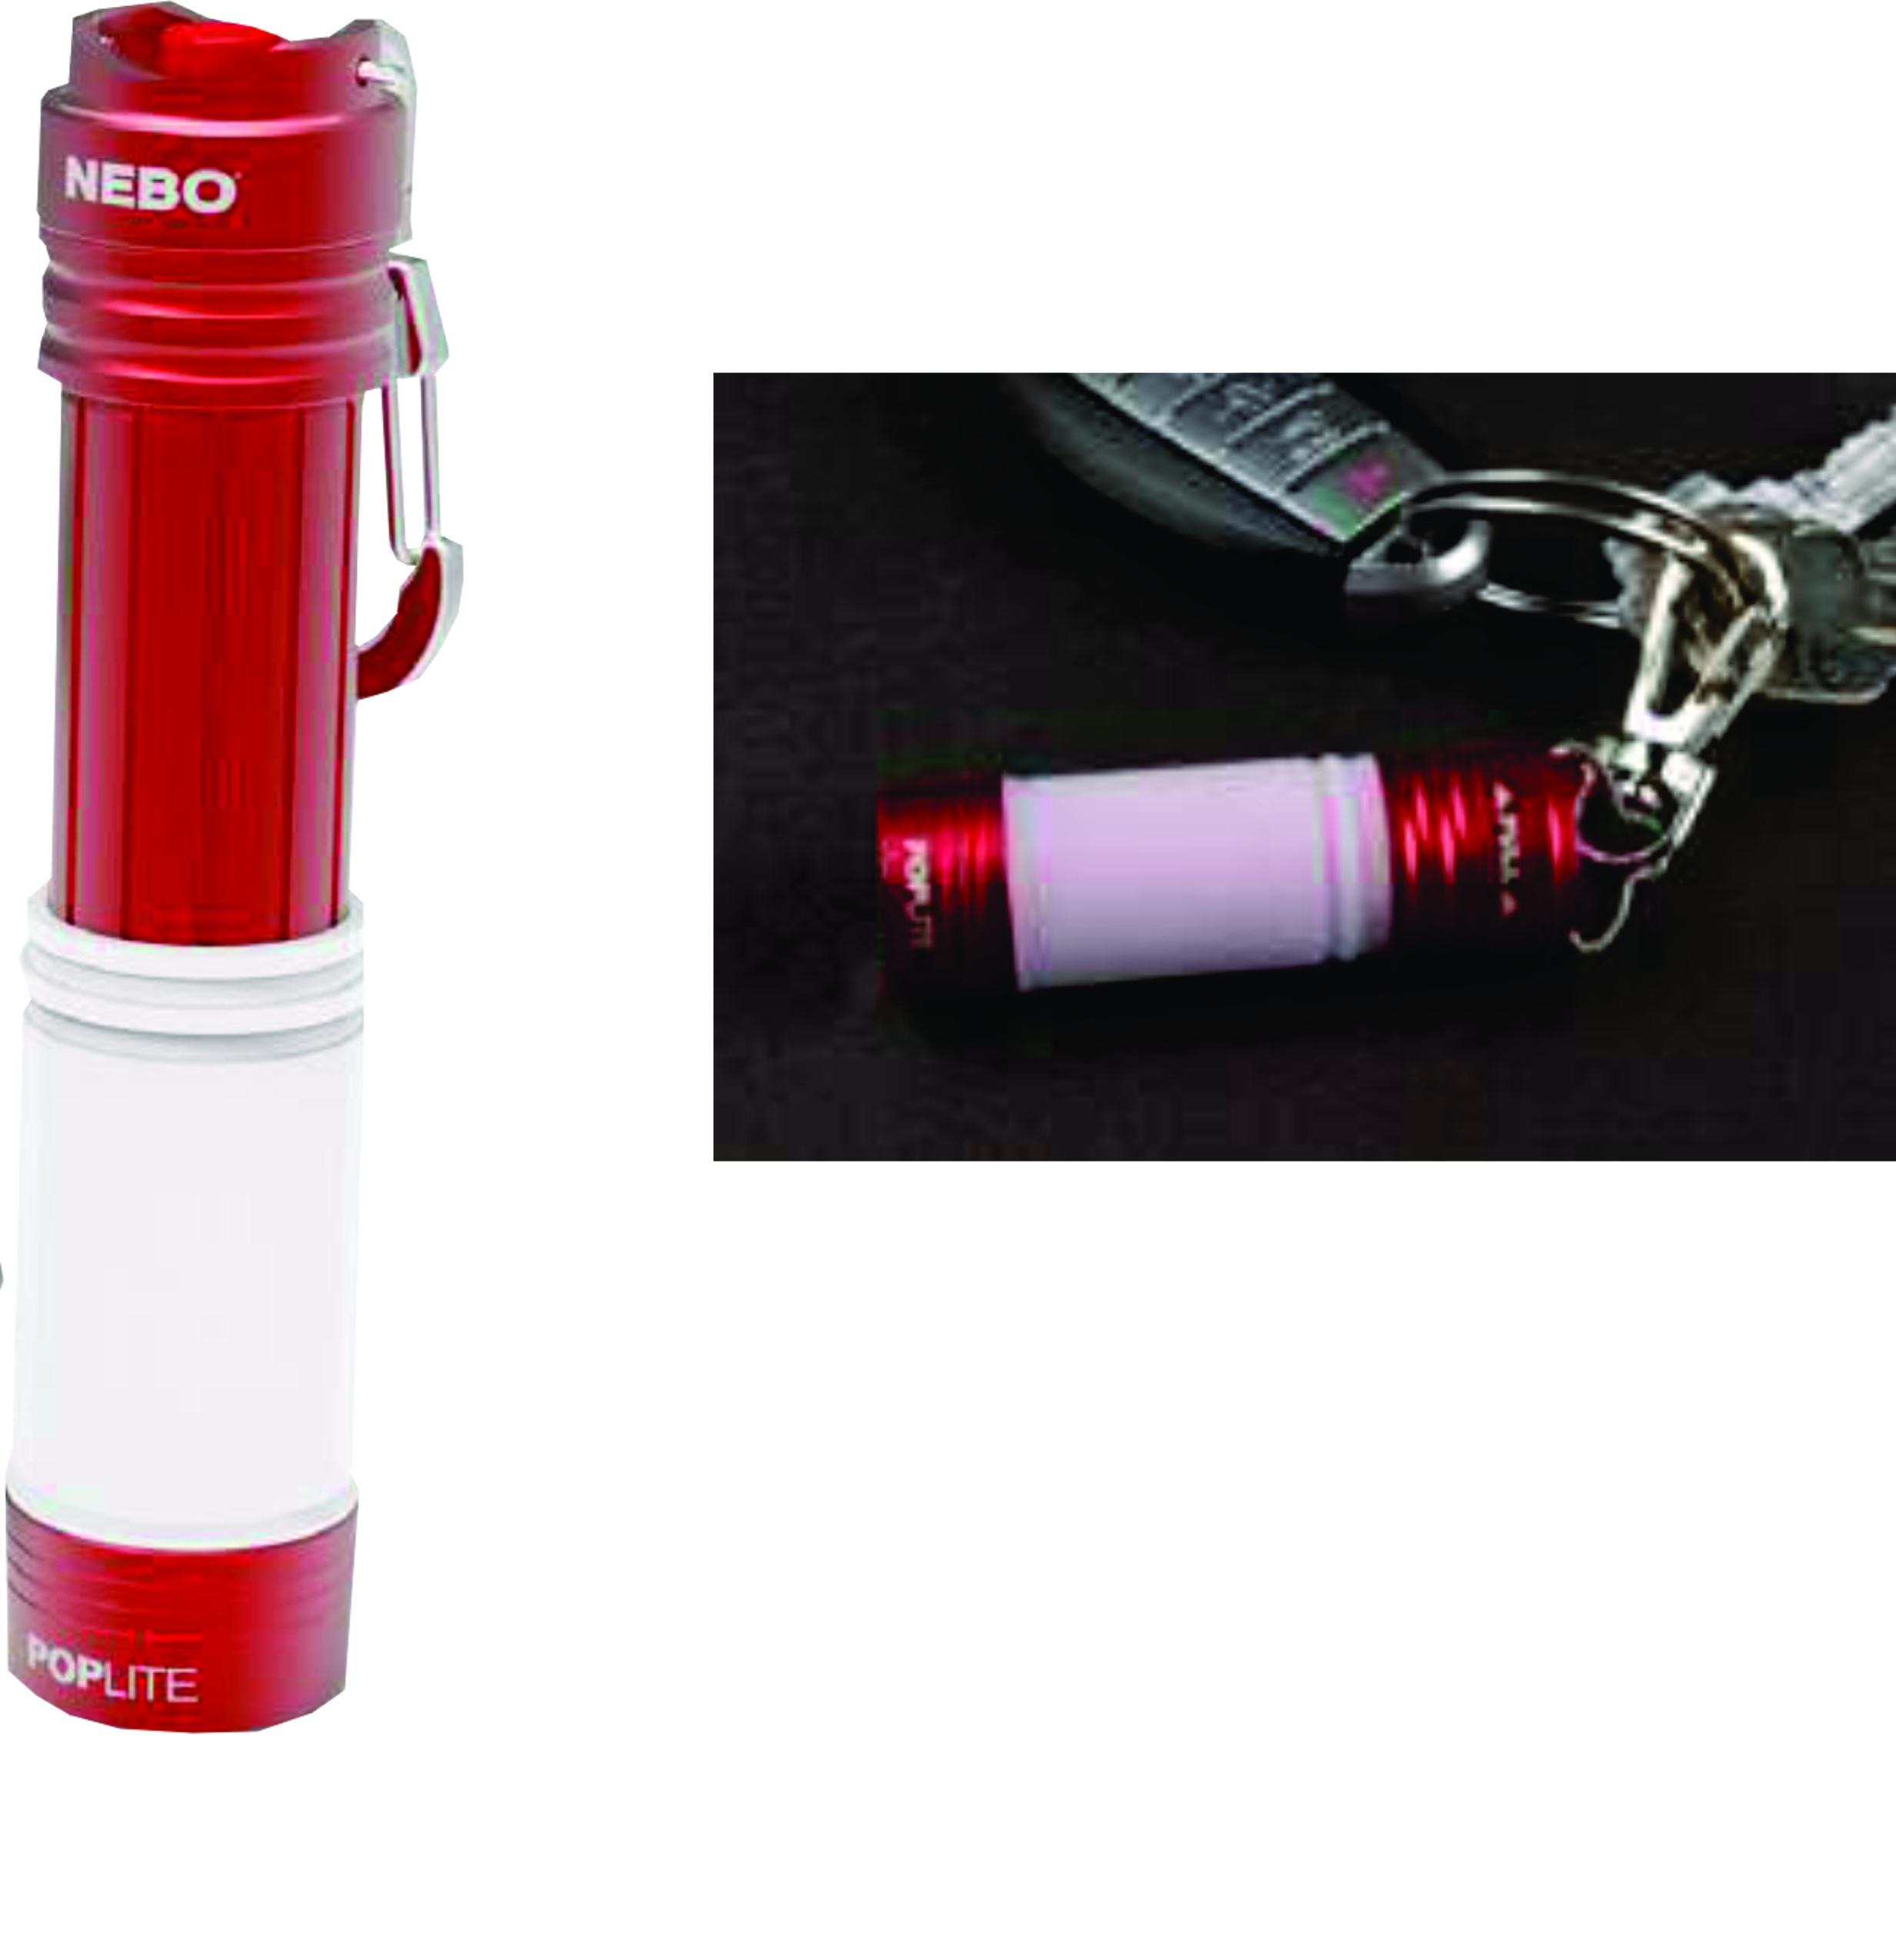 NEBO Pop Lite (Red)